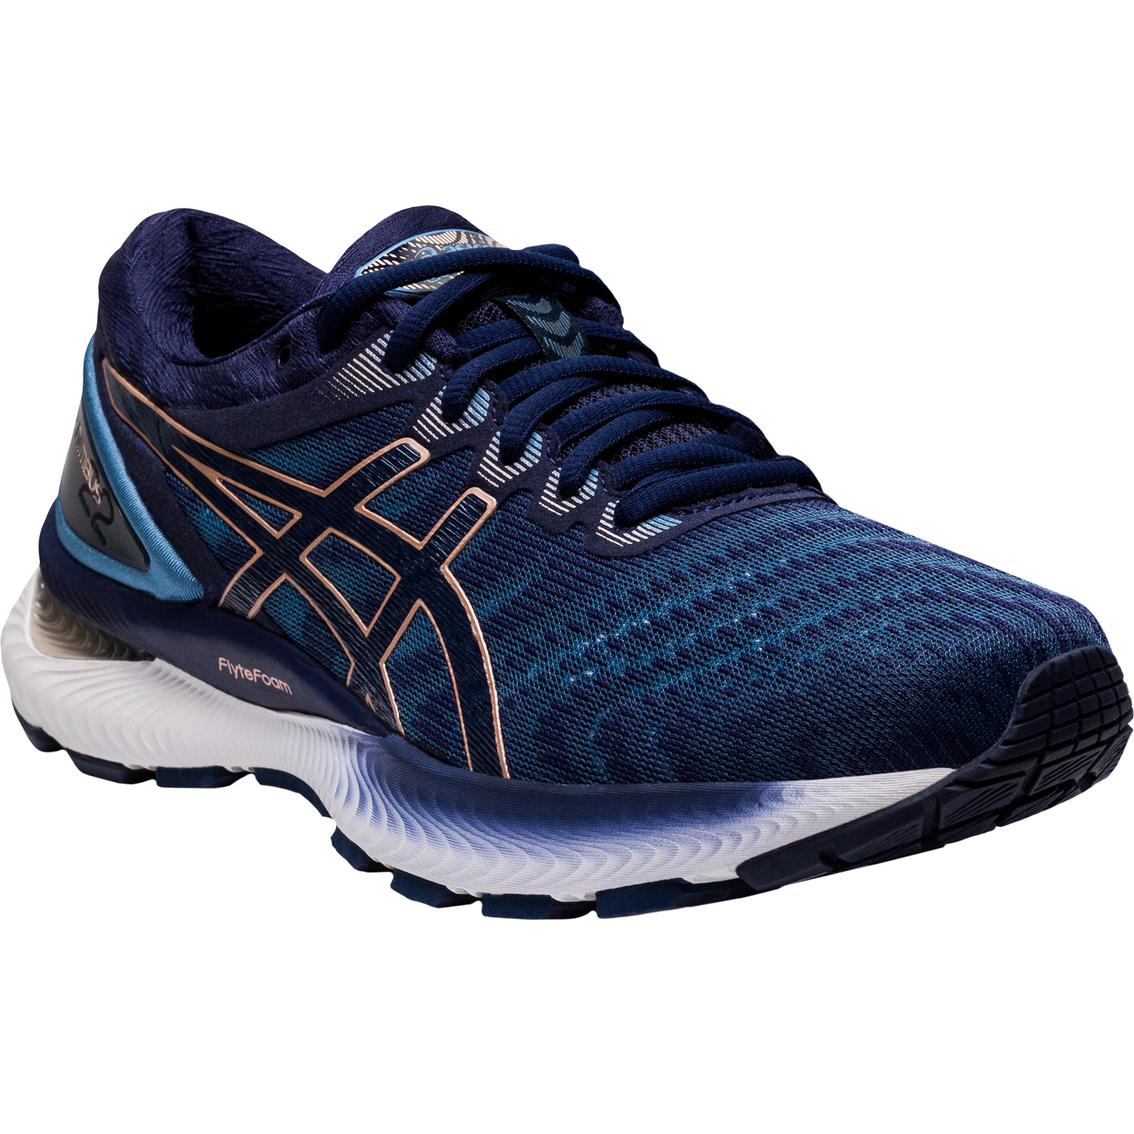 Women's GEL Nimbus 22 | BlackBlack | Running Shoes | ASICS